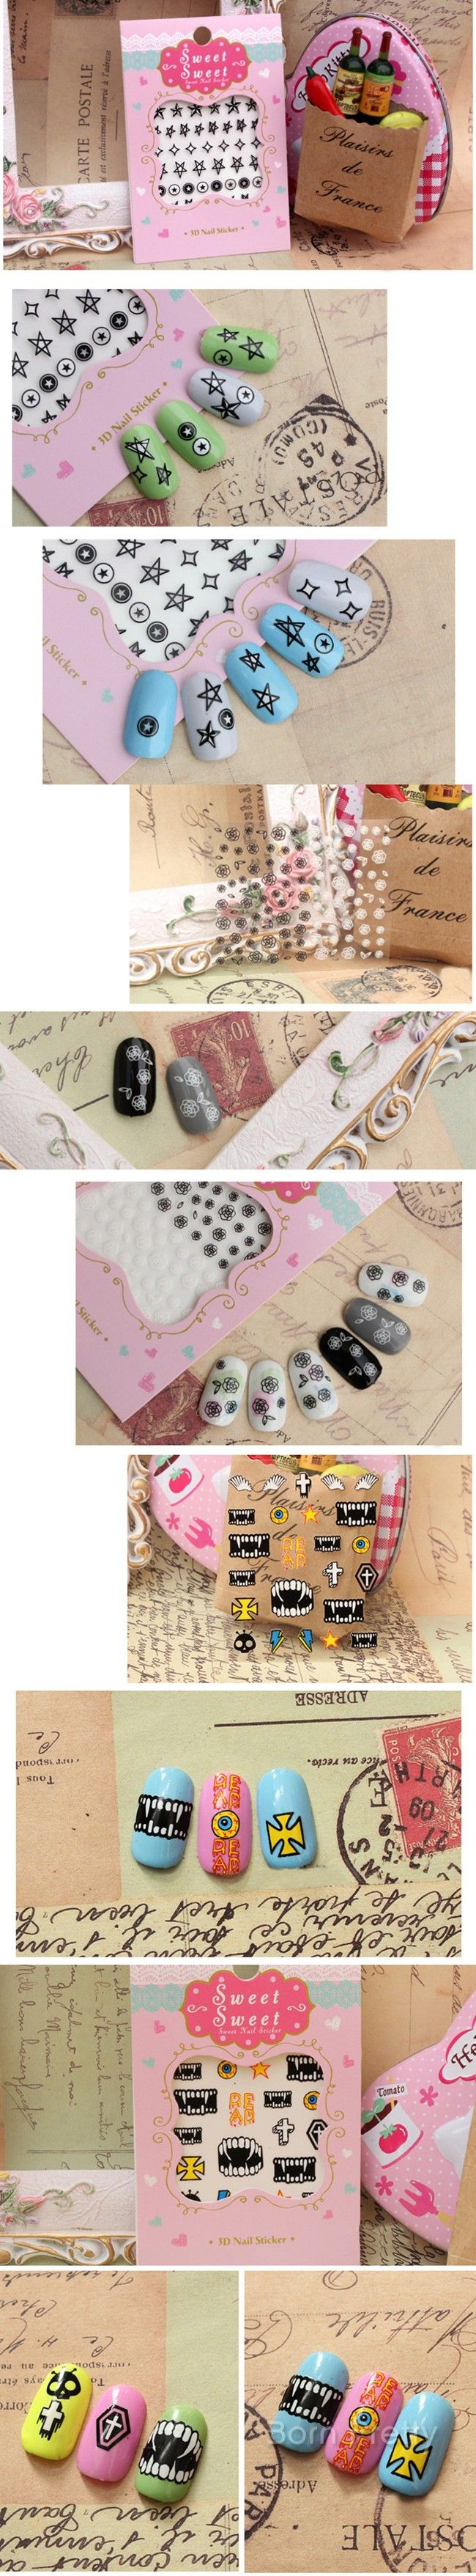 75610d1a56565f1a989879fa7757f880--nail-art-d-nail-stickers Meilleur De De Parasol Design Concept